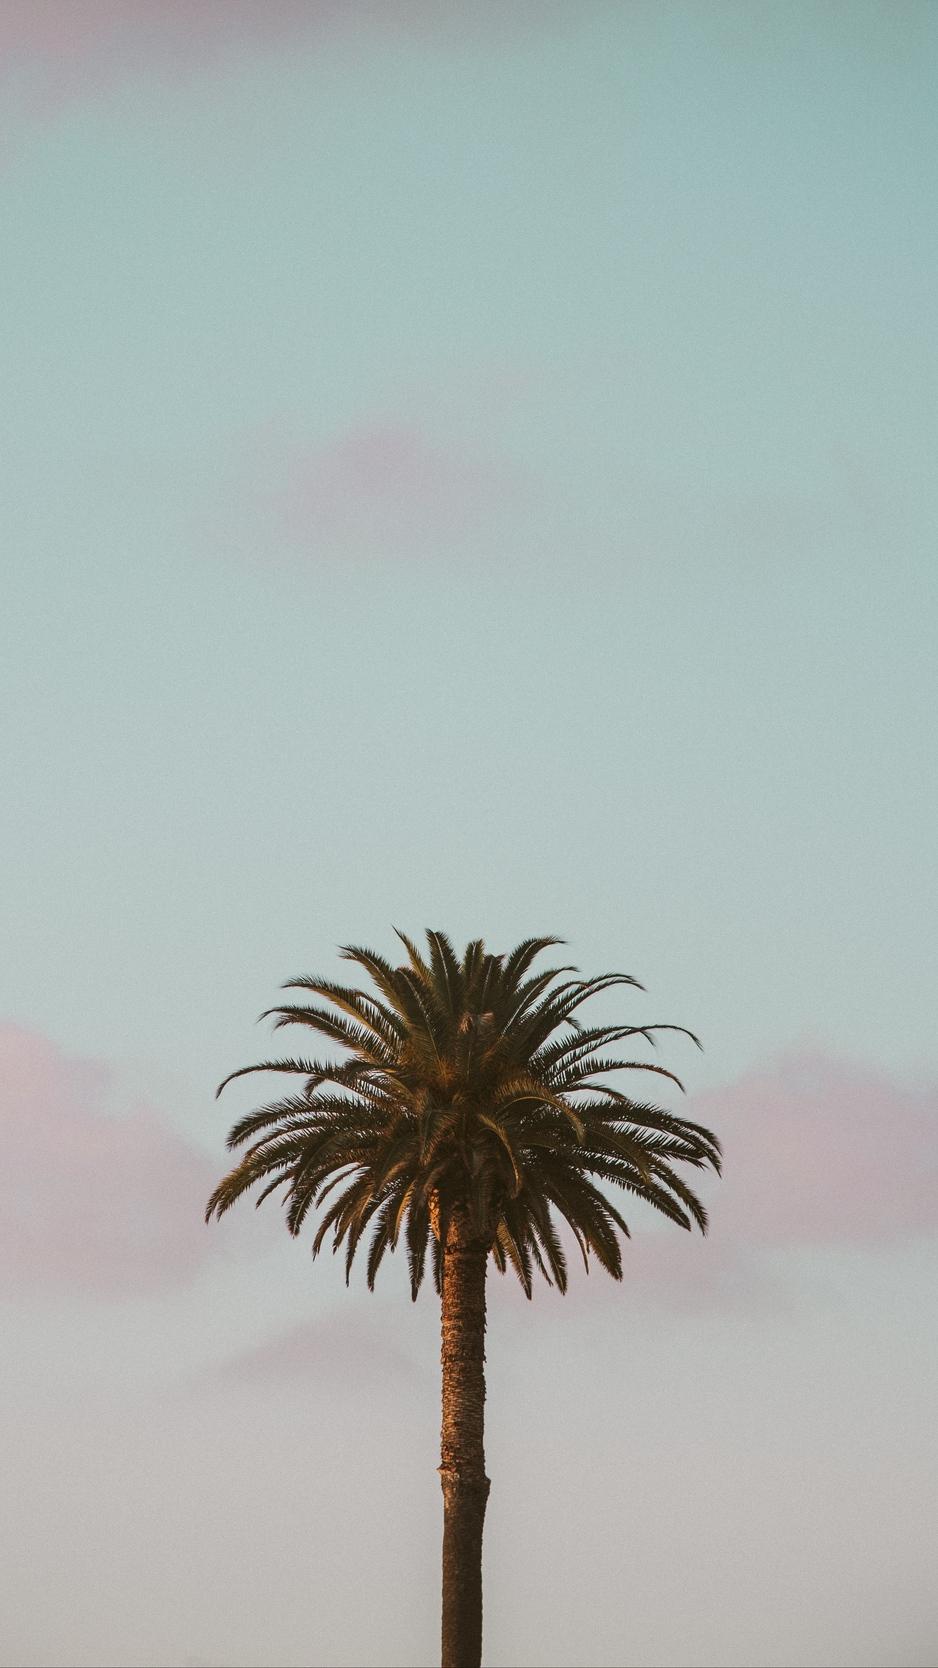 Wallpaper Palm Tree, Tropics, Minimalism, Sky - Minimal Wallpaper Palm Trees , HD Wallpaper & Backgrounds